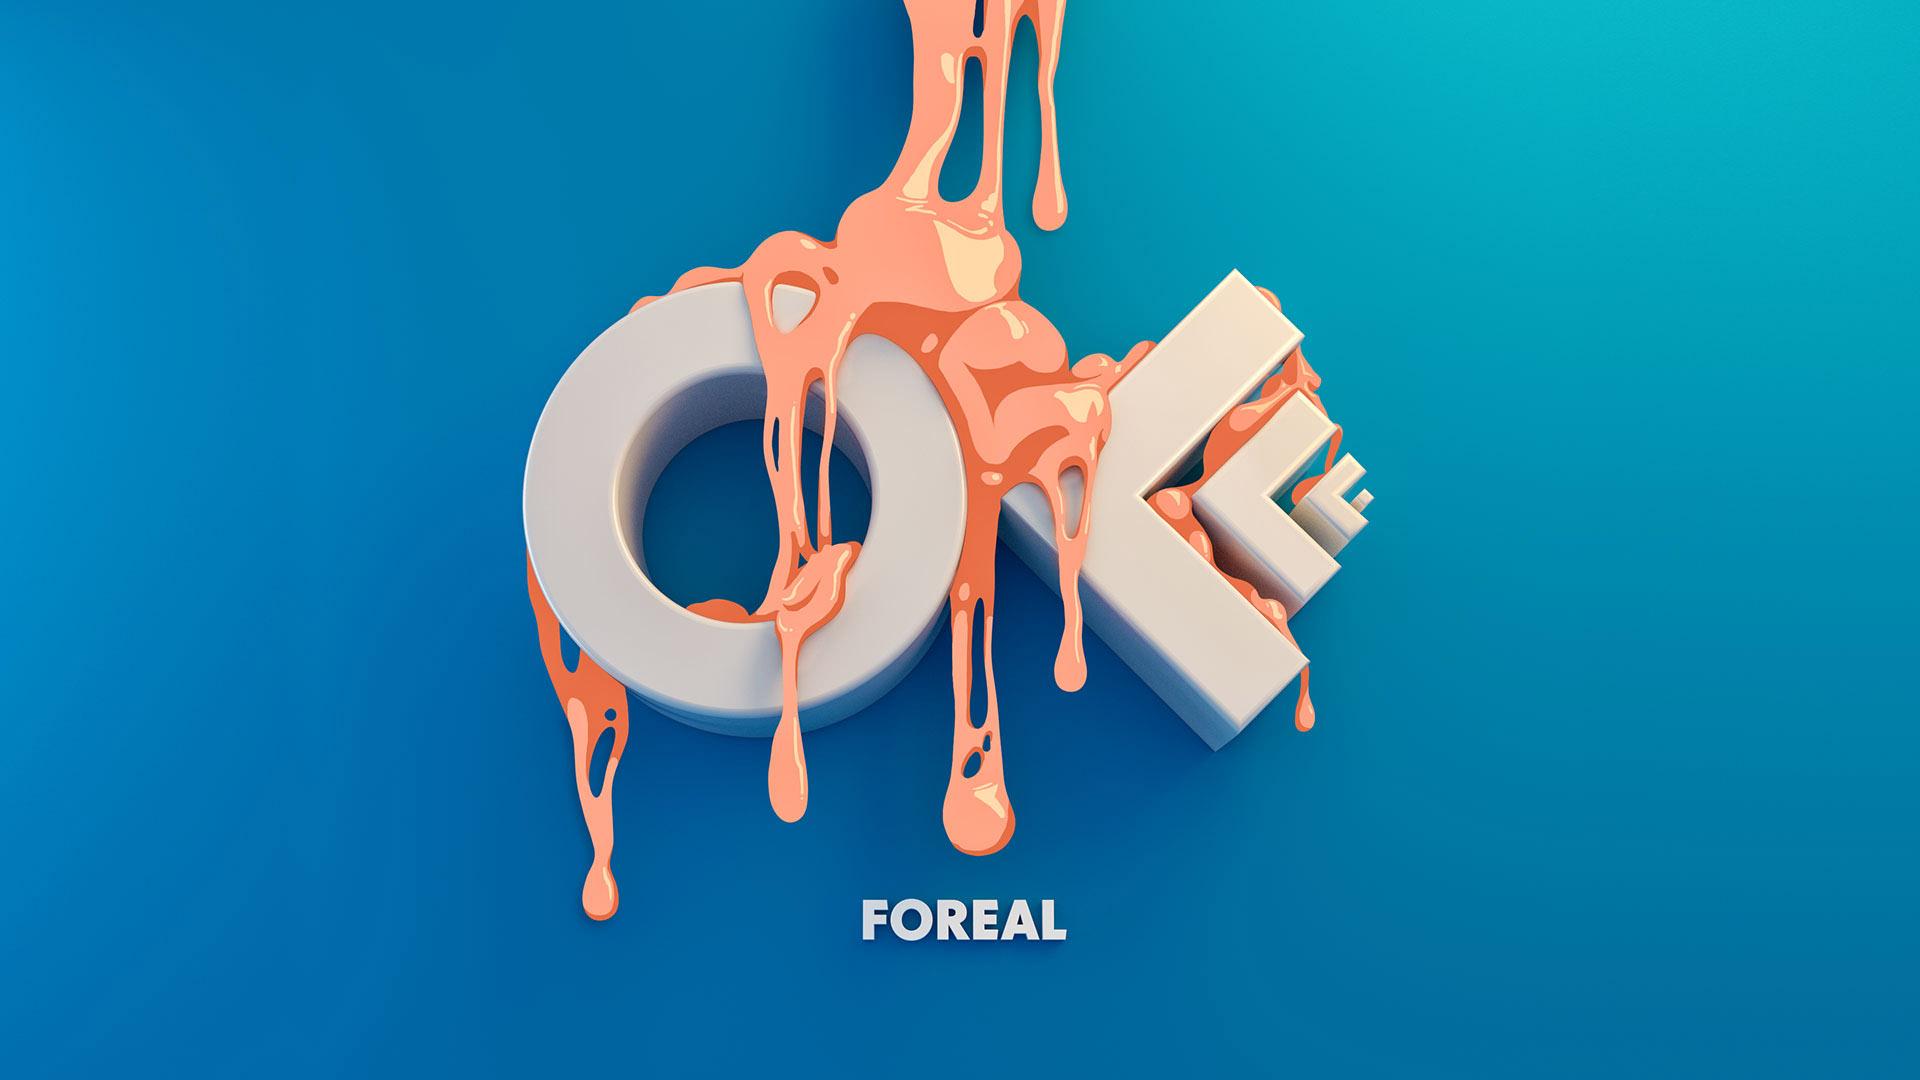 Diseño de Foreal para el OFFF Barcelona 2017